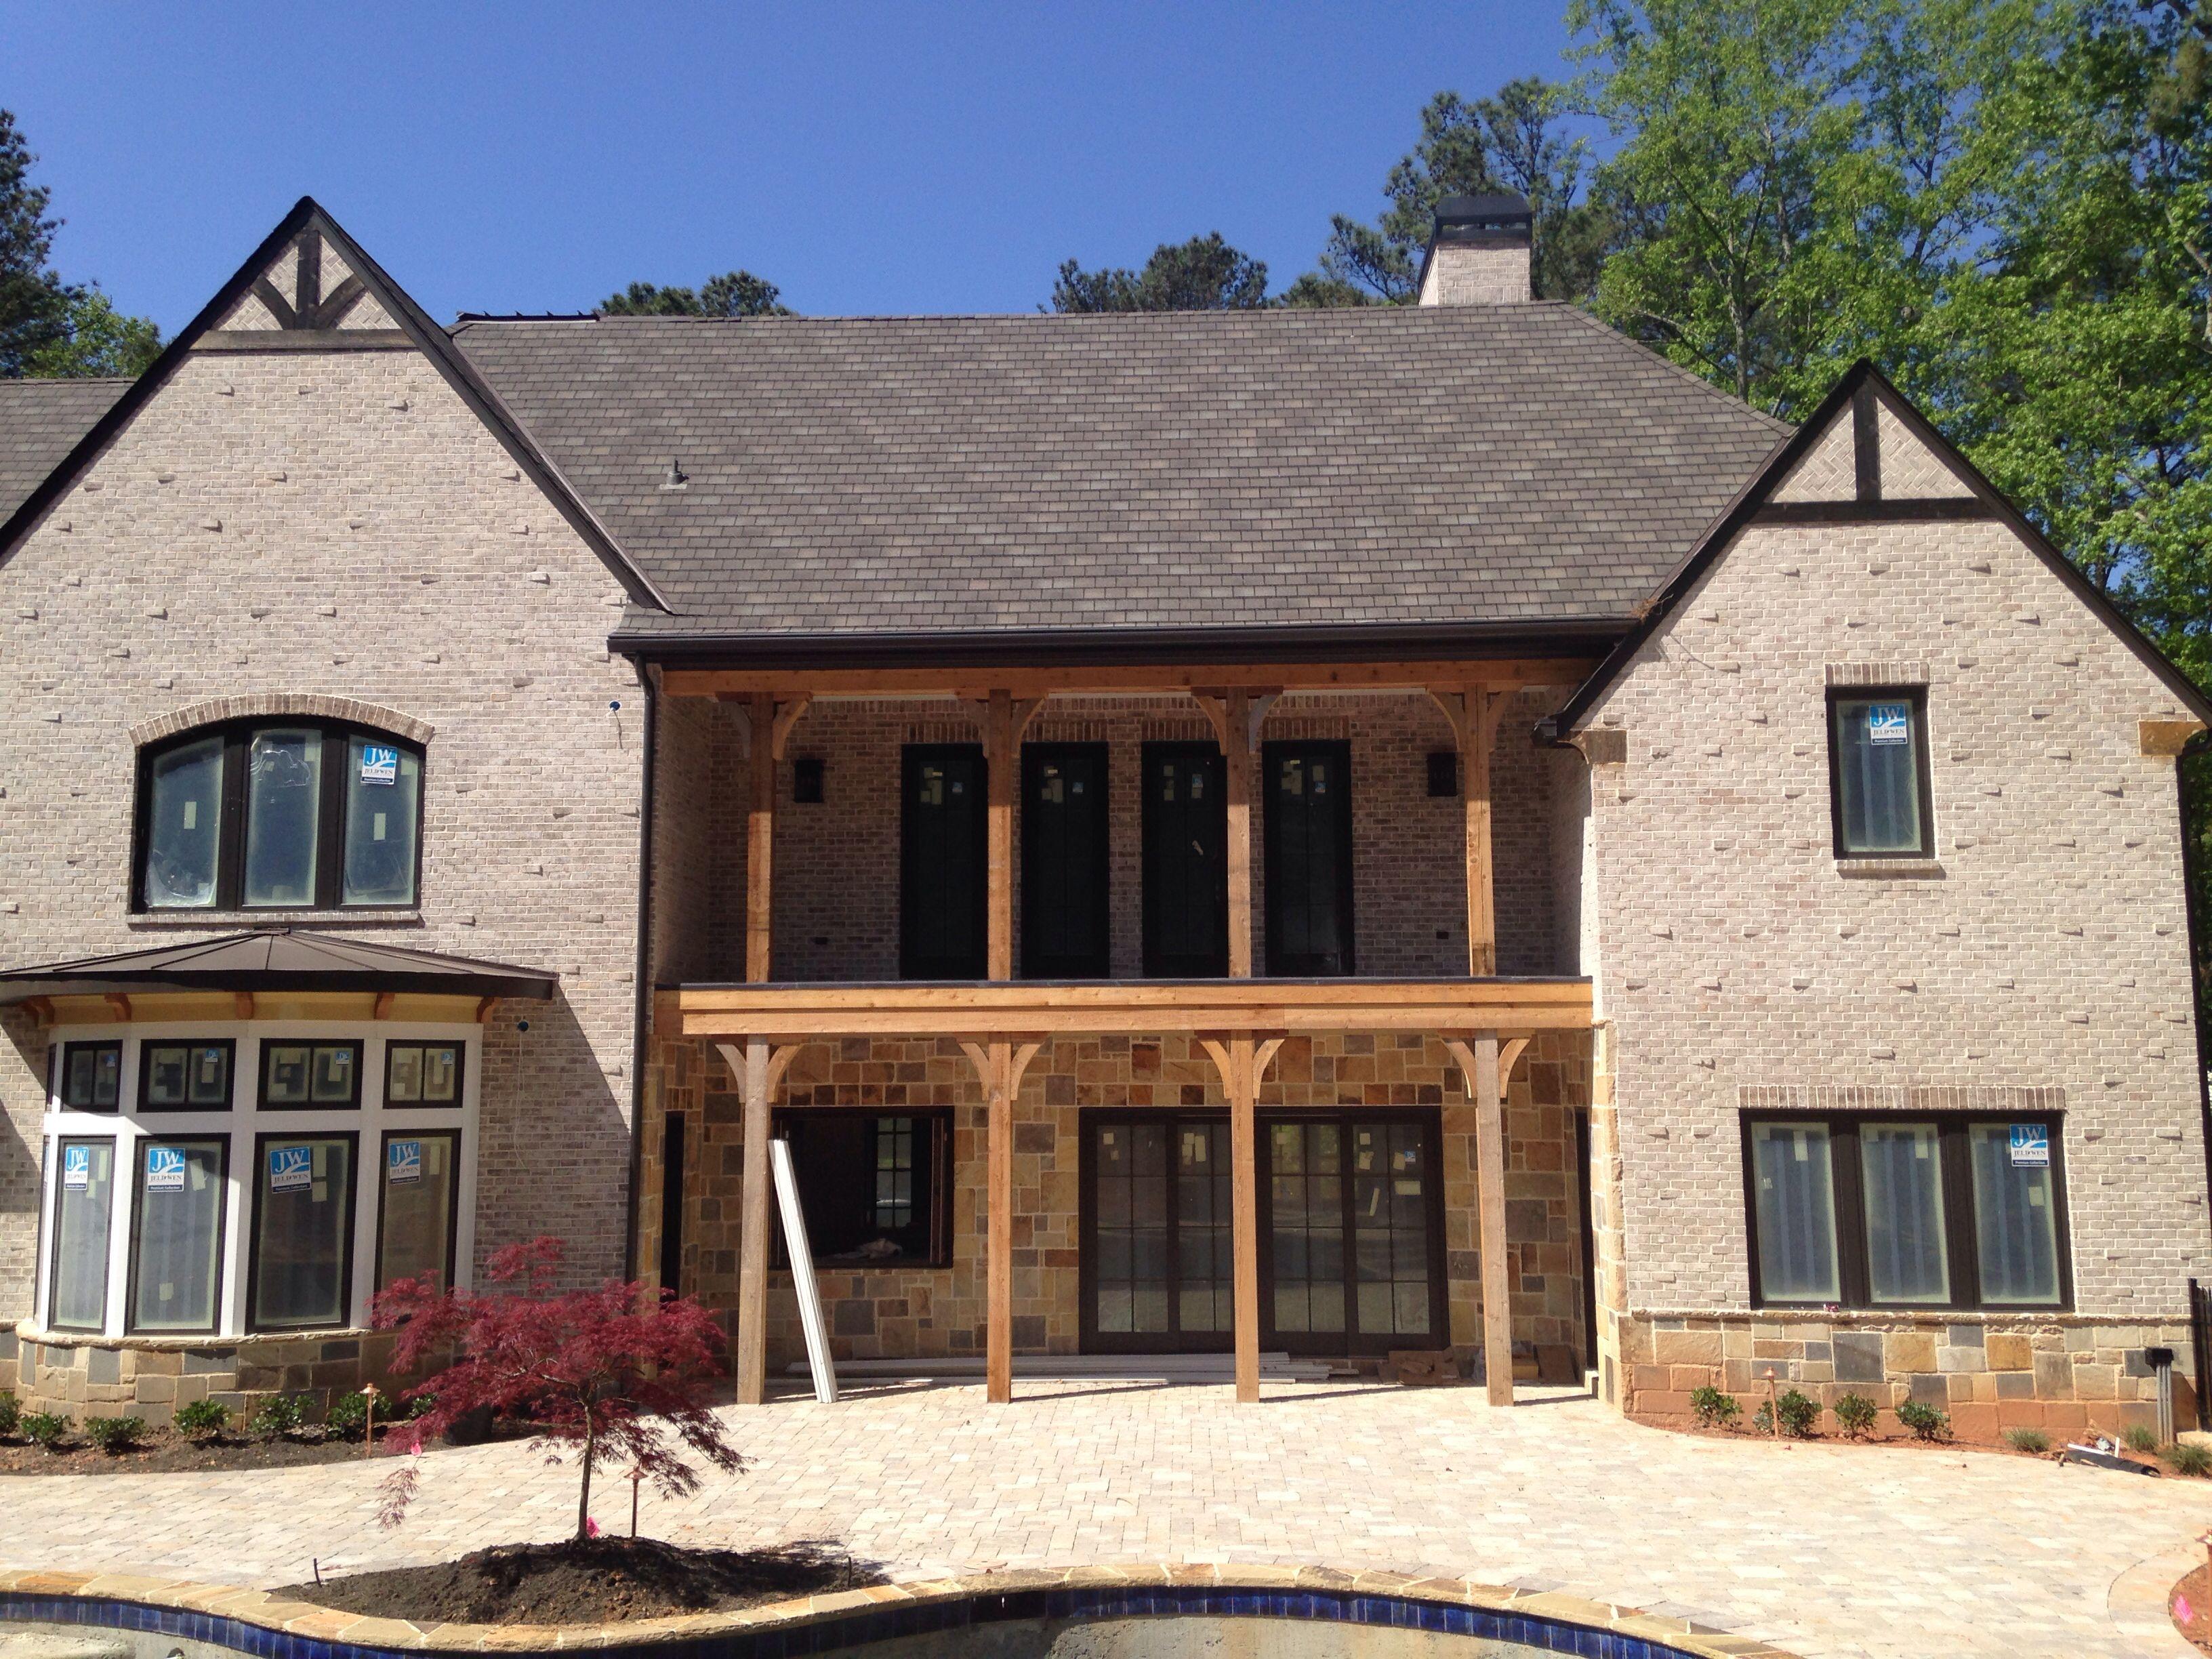 Cottonwood brick dogwood white mortar 2014 hot bricks for Cottonwood house